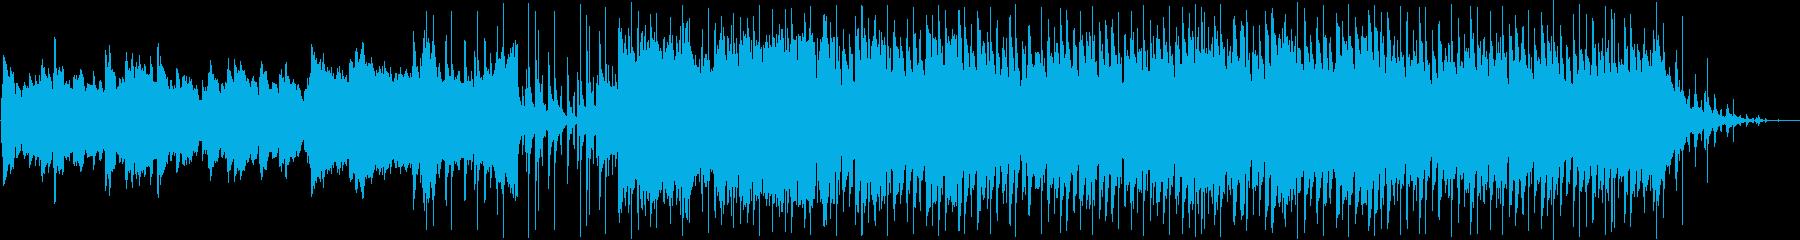 動画BGM用の小曲(切ない、哀愁)の再生済みの波形